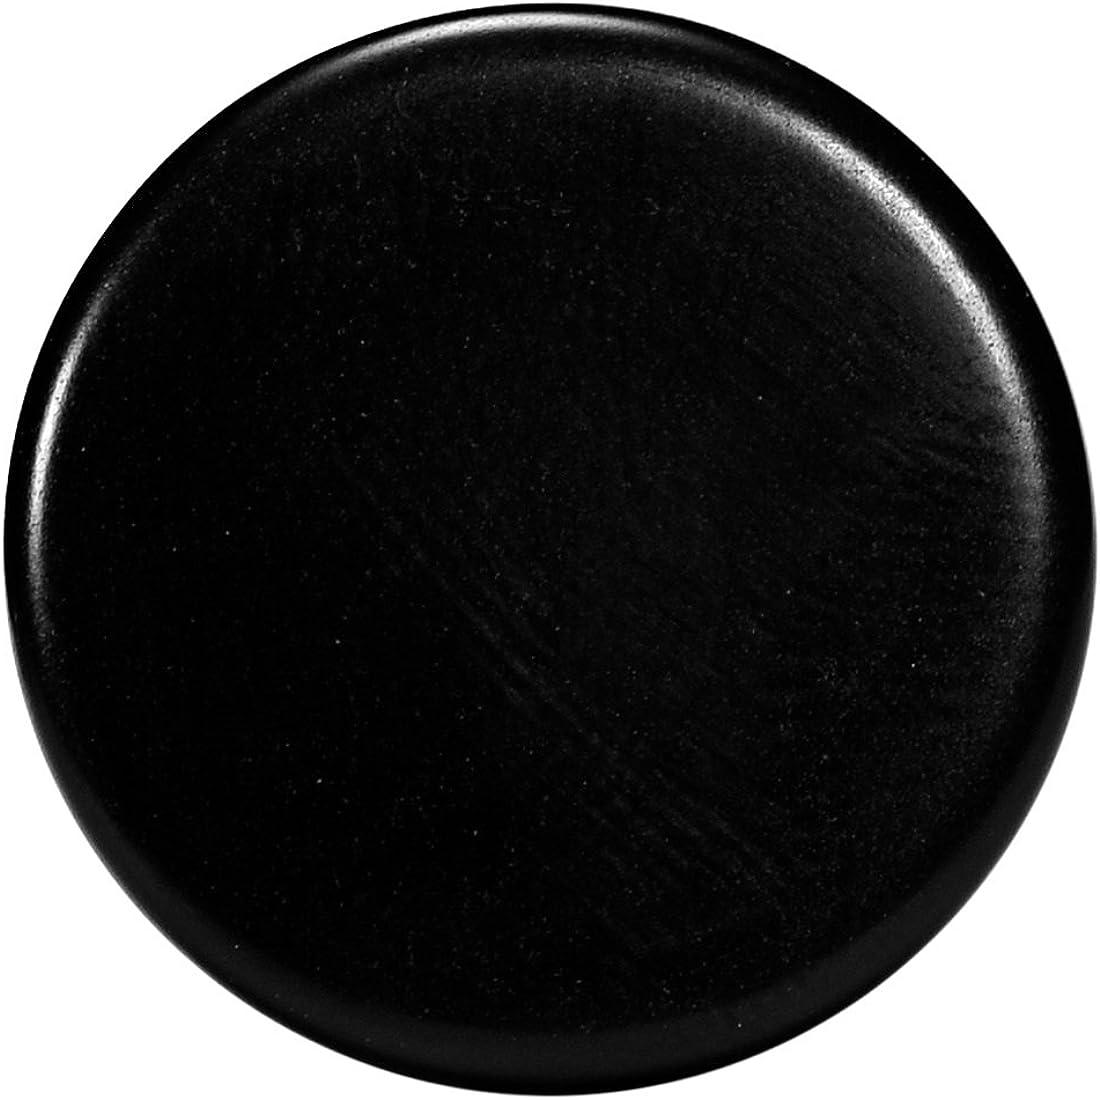 Morella Mujeres Small Coin Moneda Colgante Amuleto 23 mm Piedra Preciosa Gema Plato Chakra Colgante de Collar y para Fortalecer